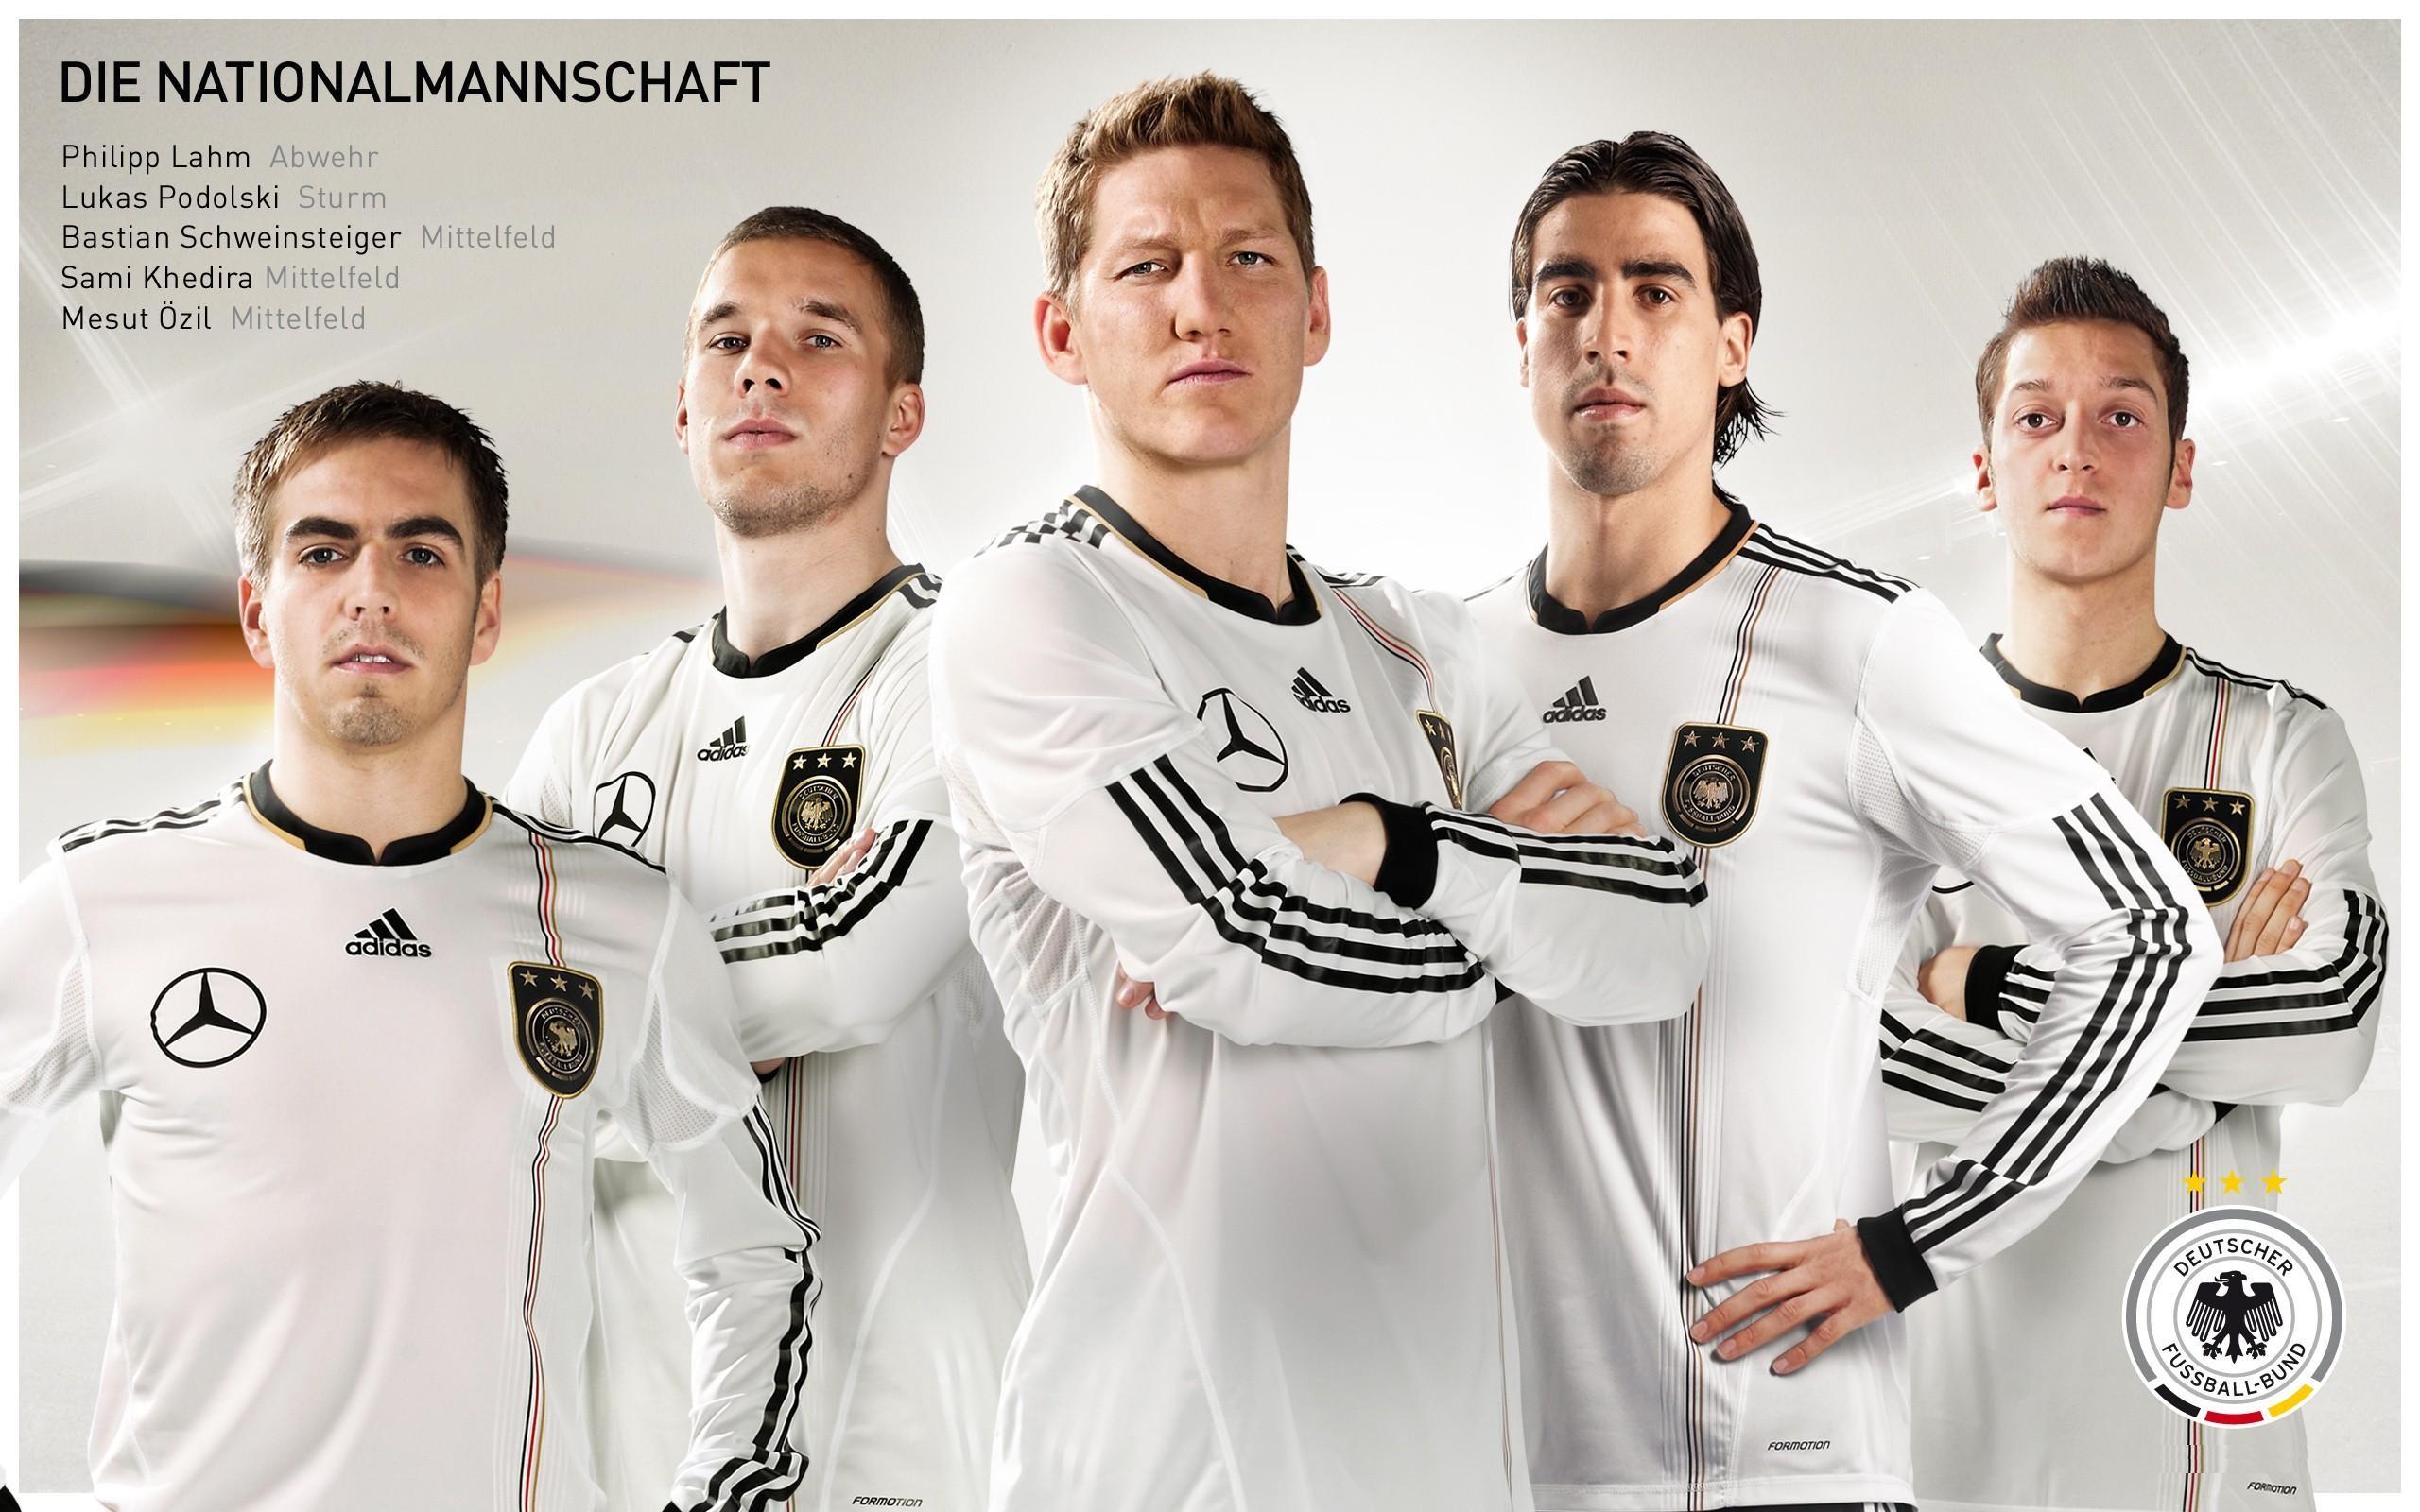 Die Mannschaft Wallpaper